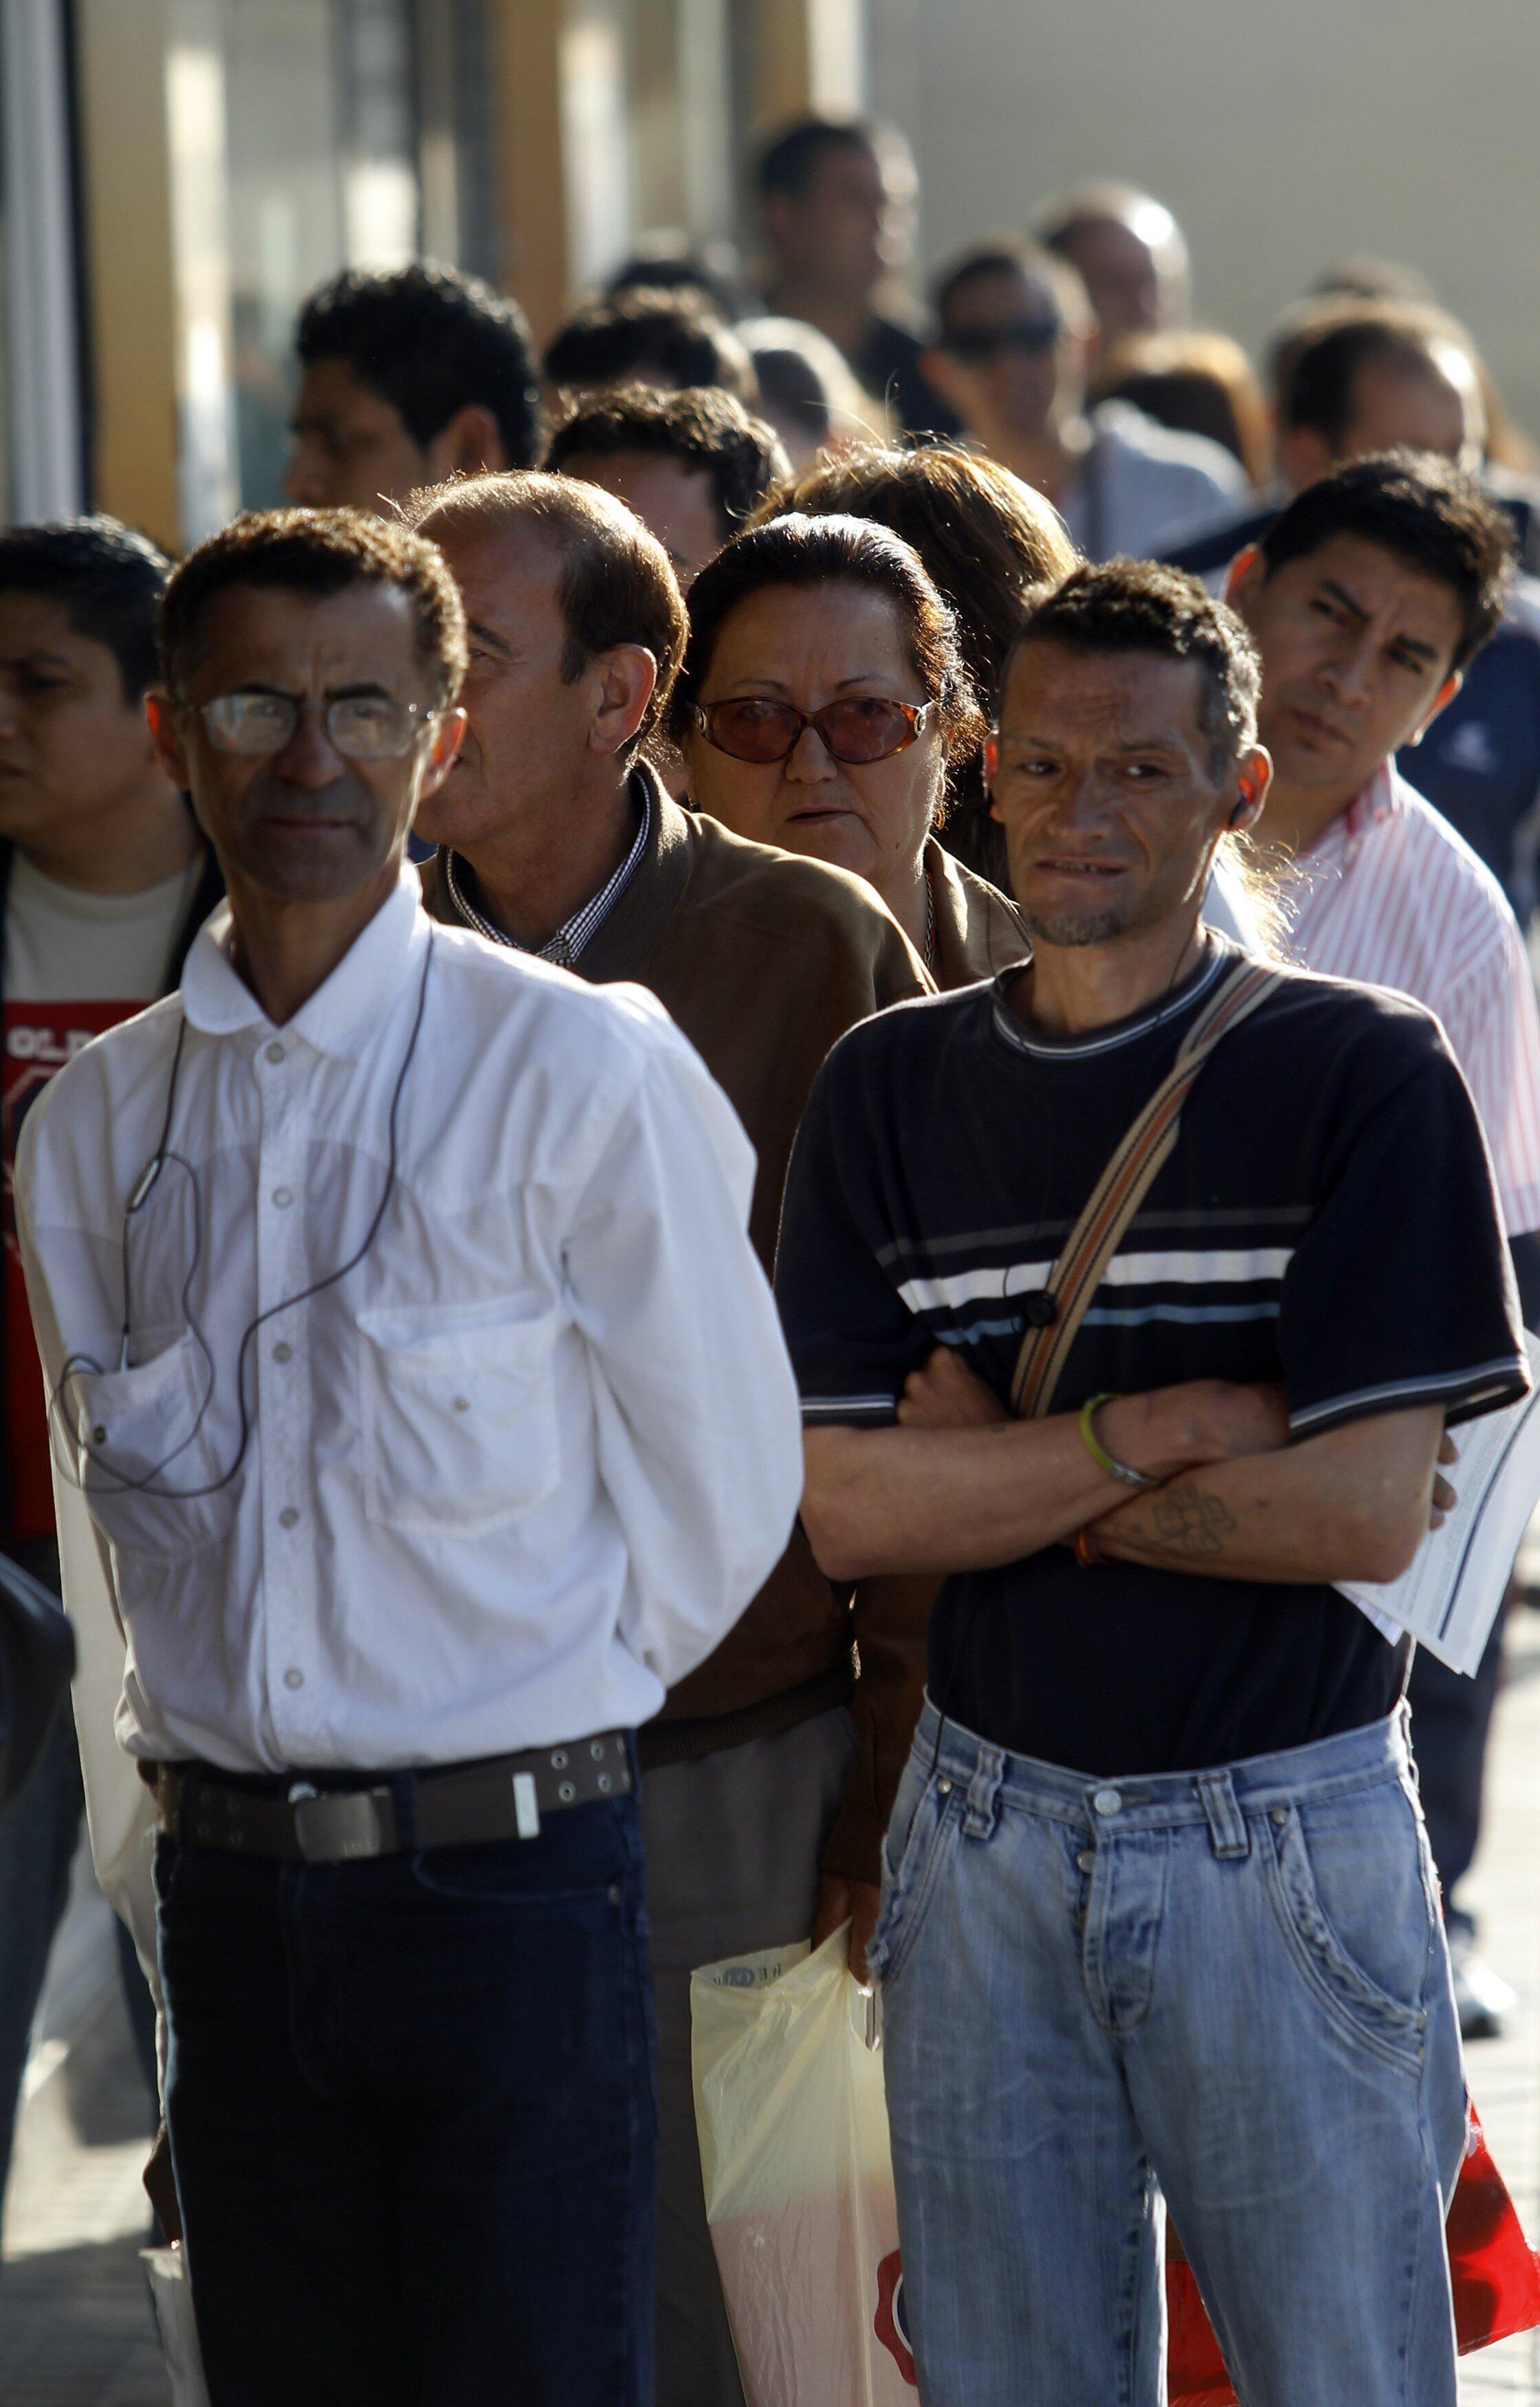 Desempleados haciendo cola en una oficina de empleo en el centro de Madrid, 30 de abril de 2010.